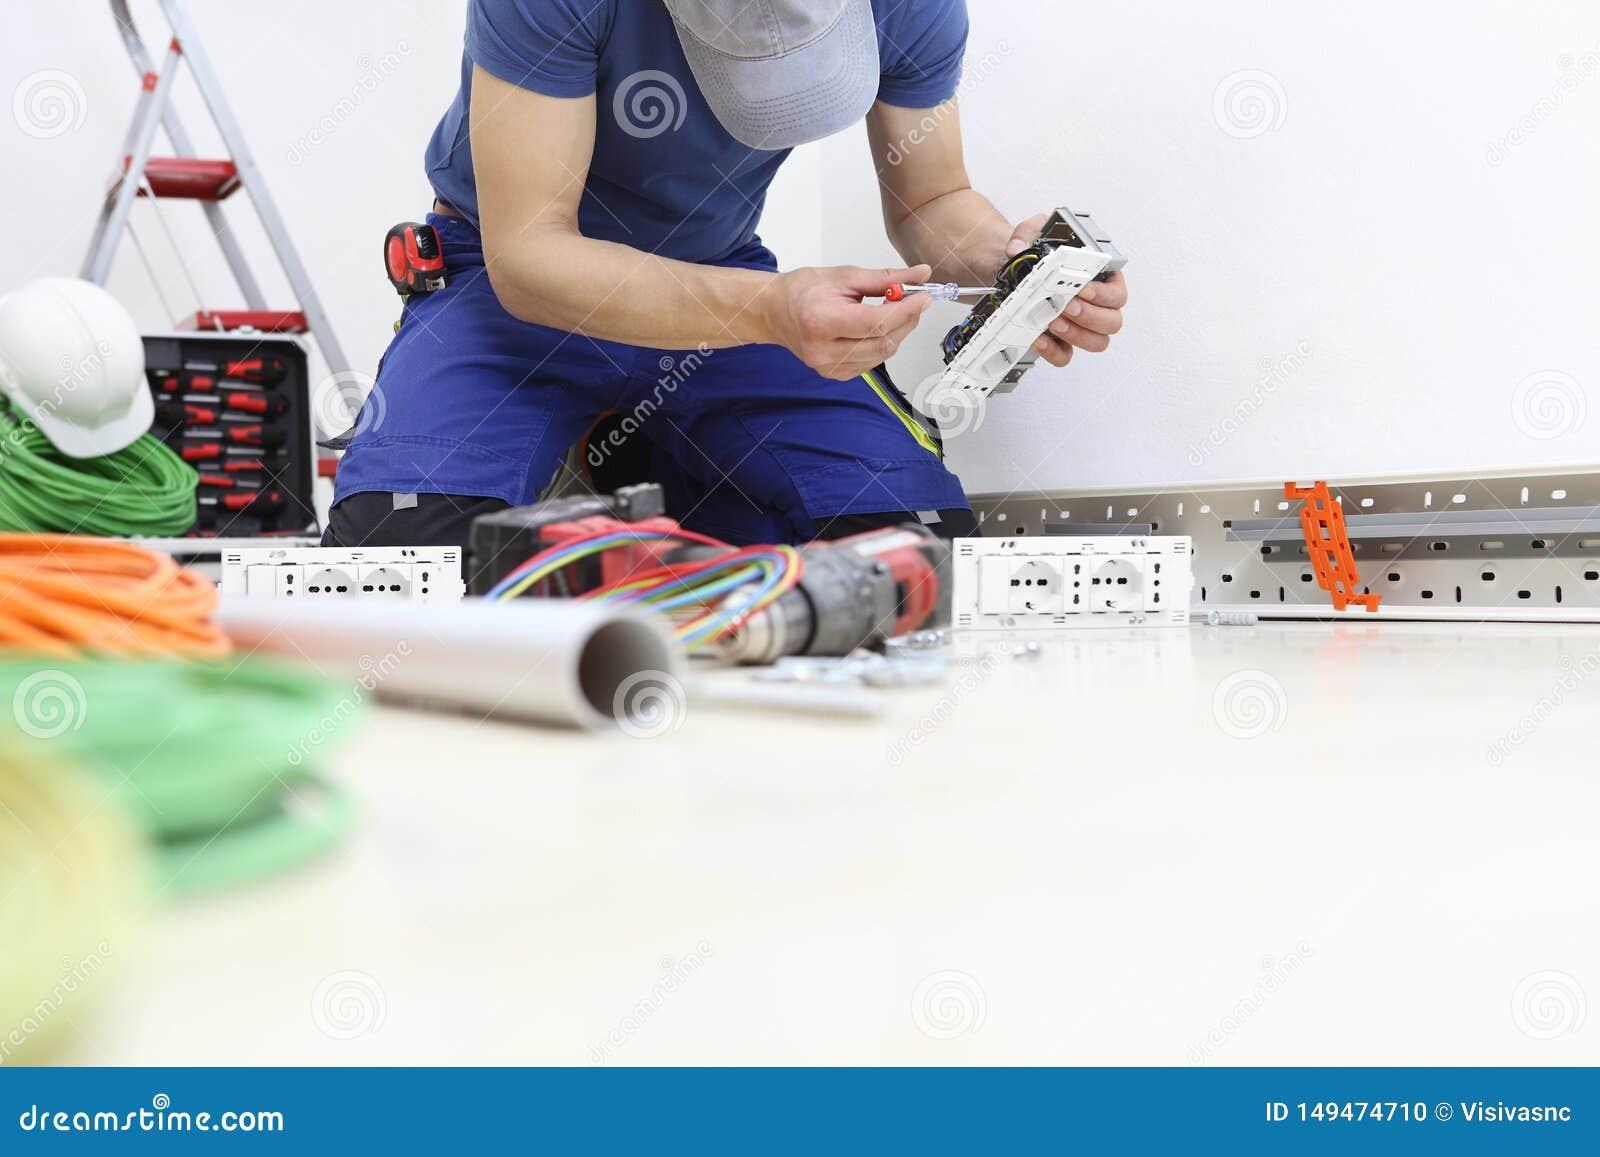 Электрик на работе с отверткой в руке соединяет кабели с гнездом для электрической проводки